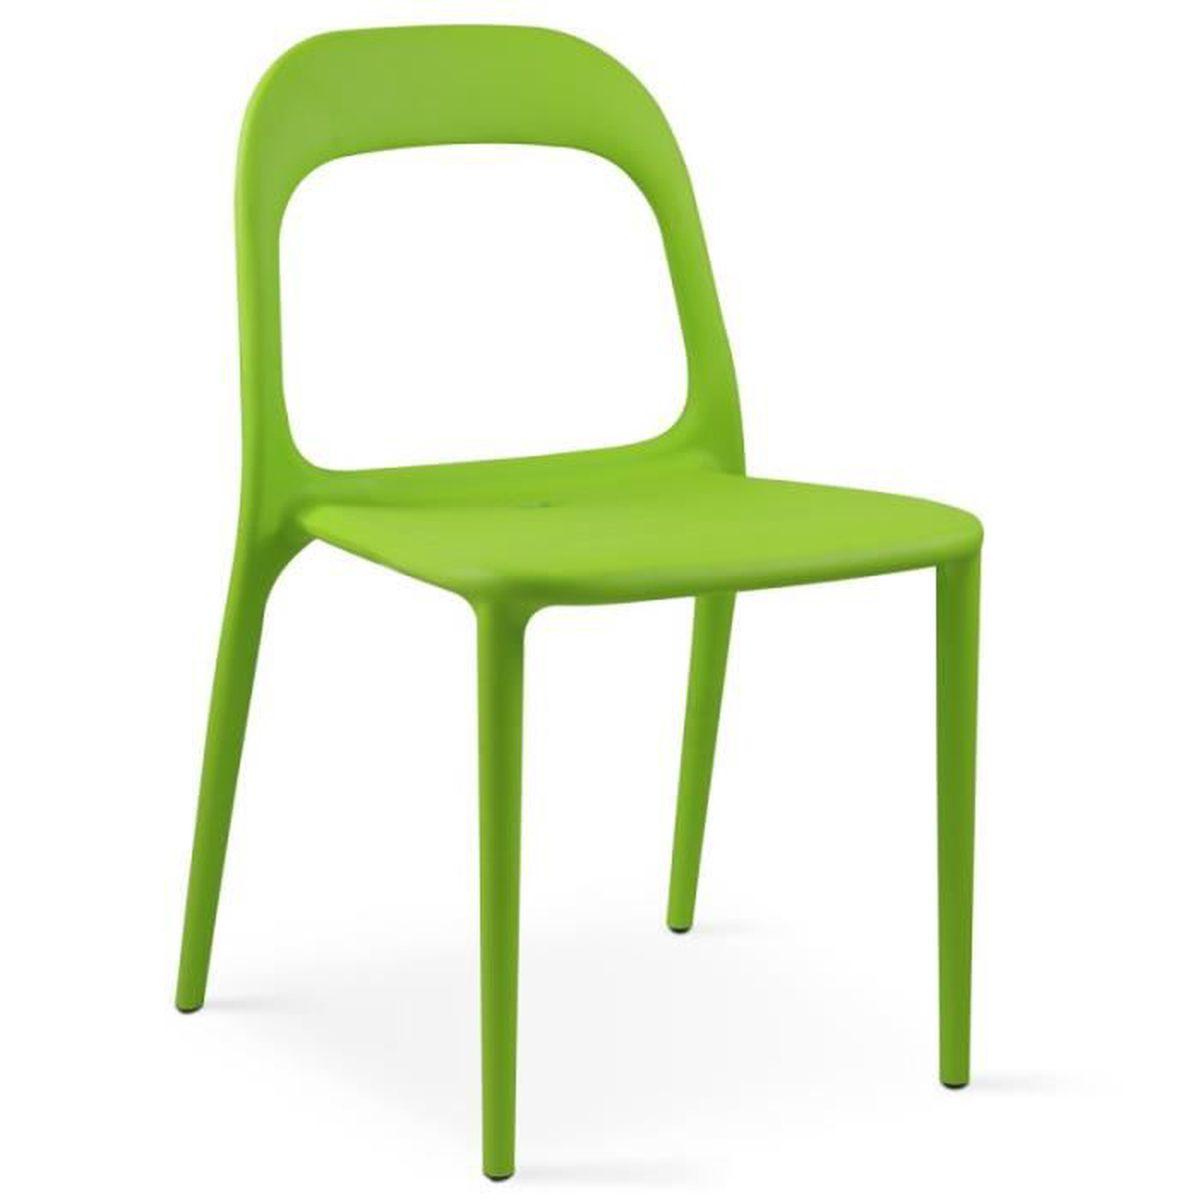 En Chaise Plastique Vert Vente Achat Salon De Jardin tBosrCdhQx